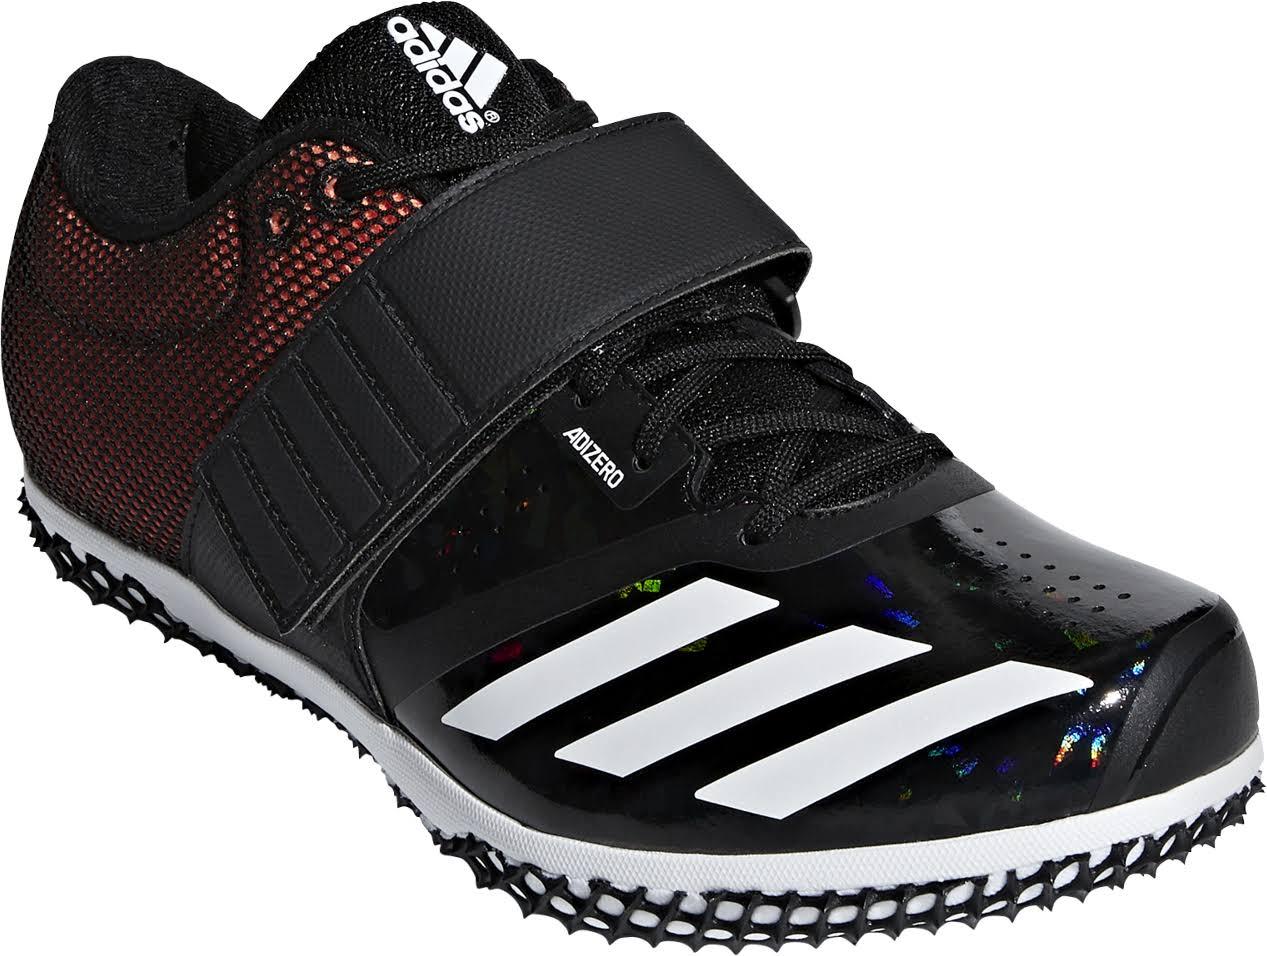 Field Hochsprung Adizero Adidas Schwarz Spikes Event q6EnxwpA